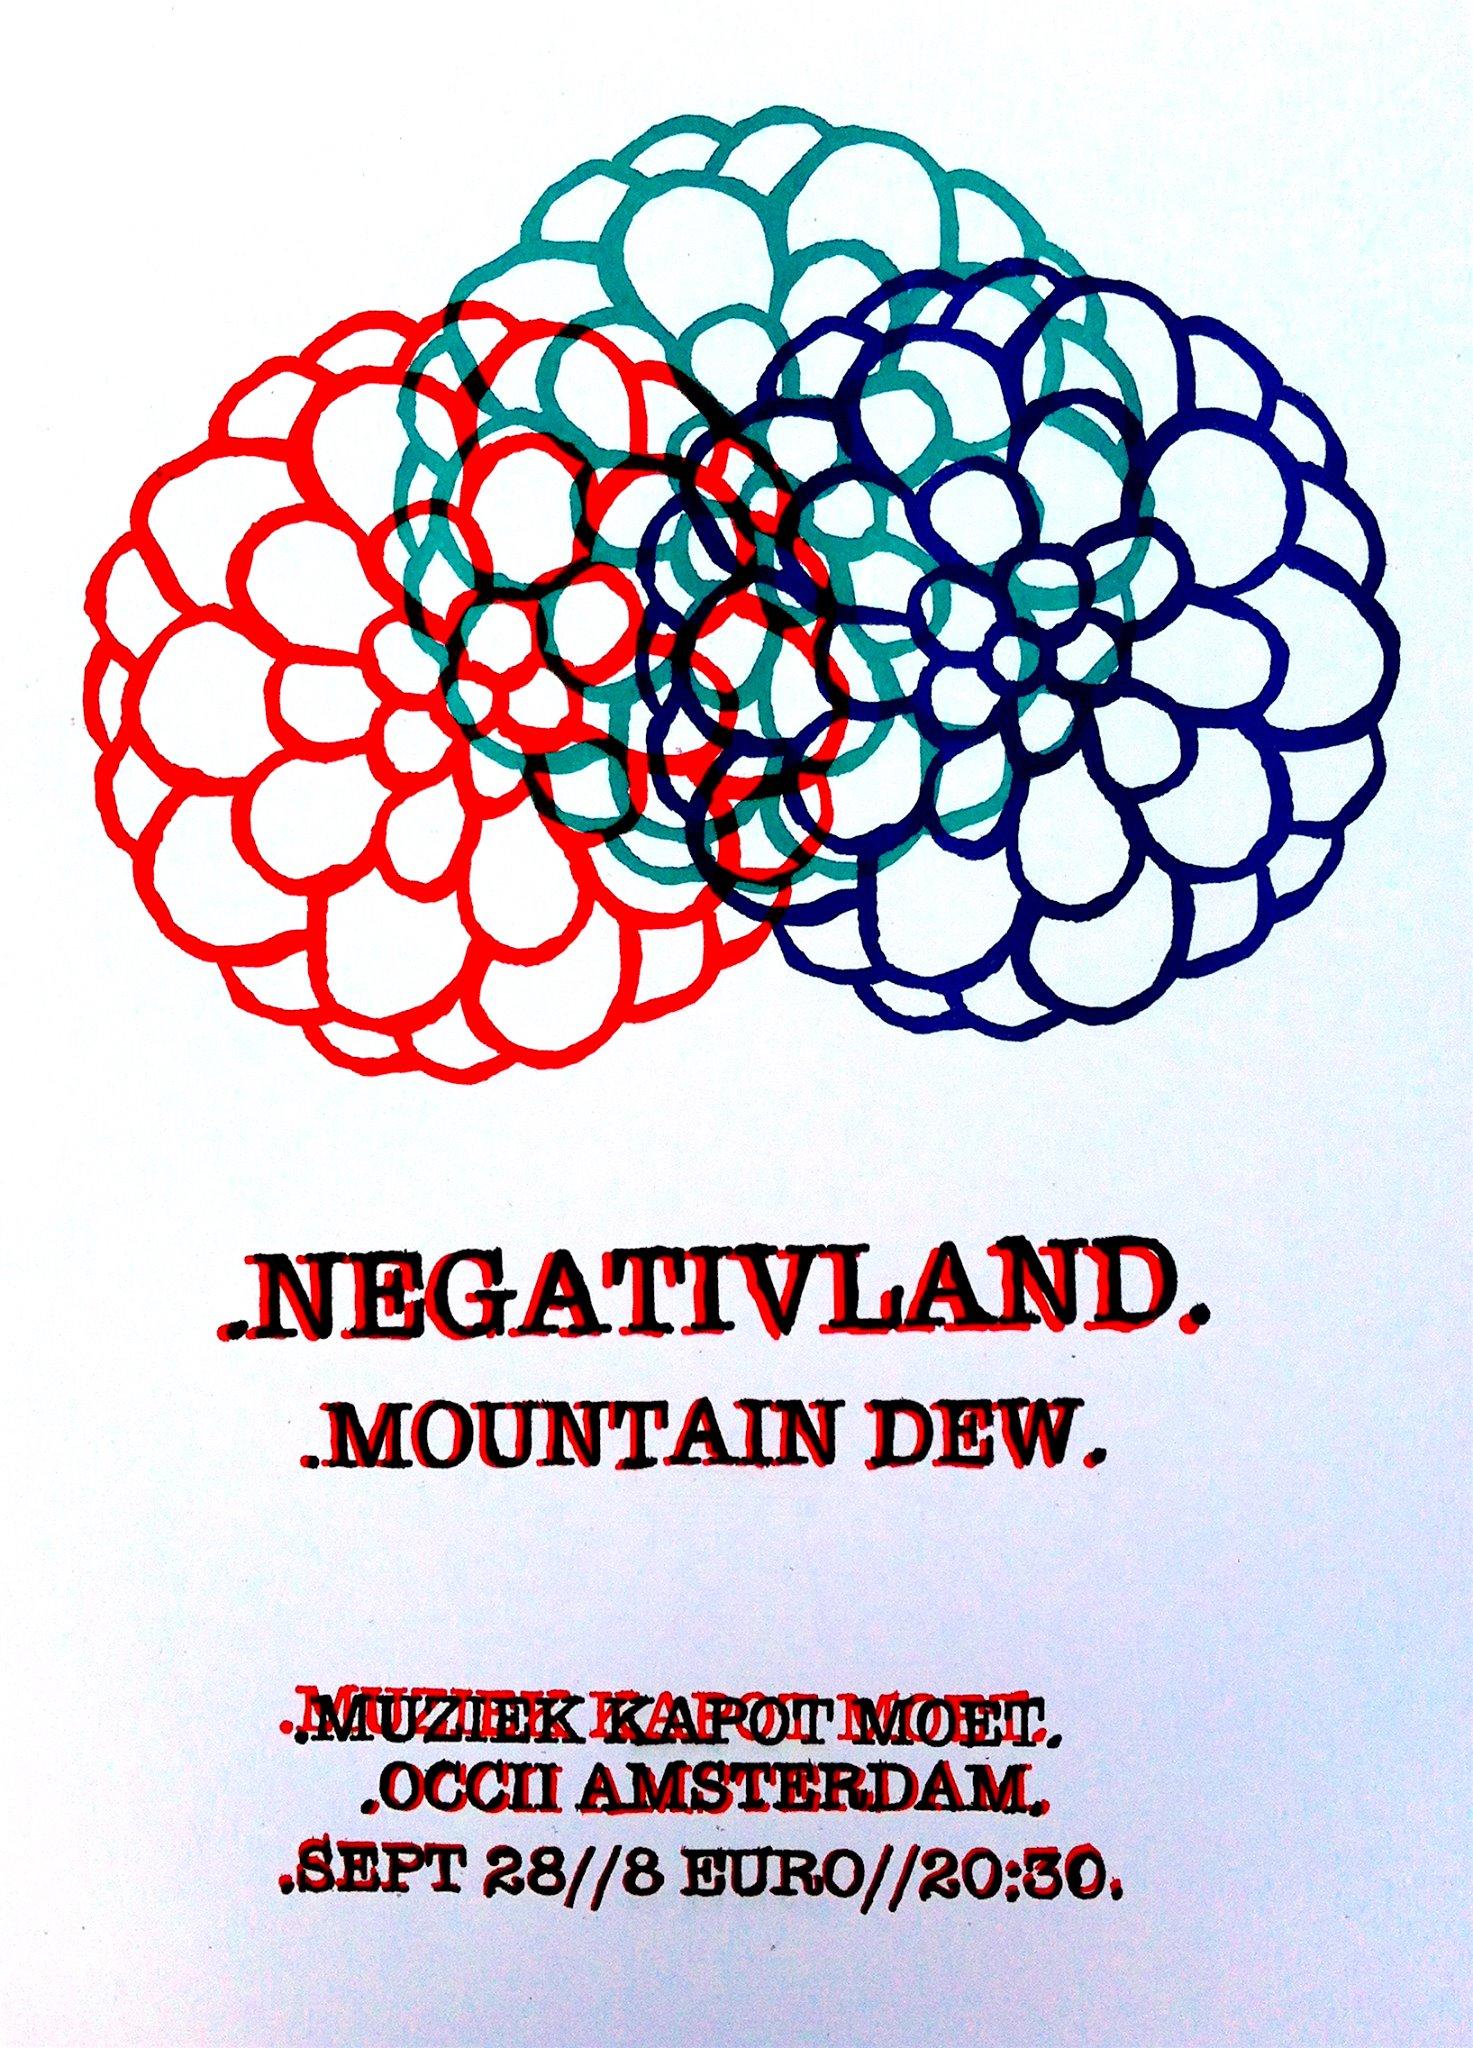 NEGATIVLAND  (us) + ∆D∆E∆W∆ (SOLO)